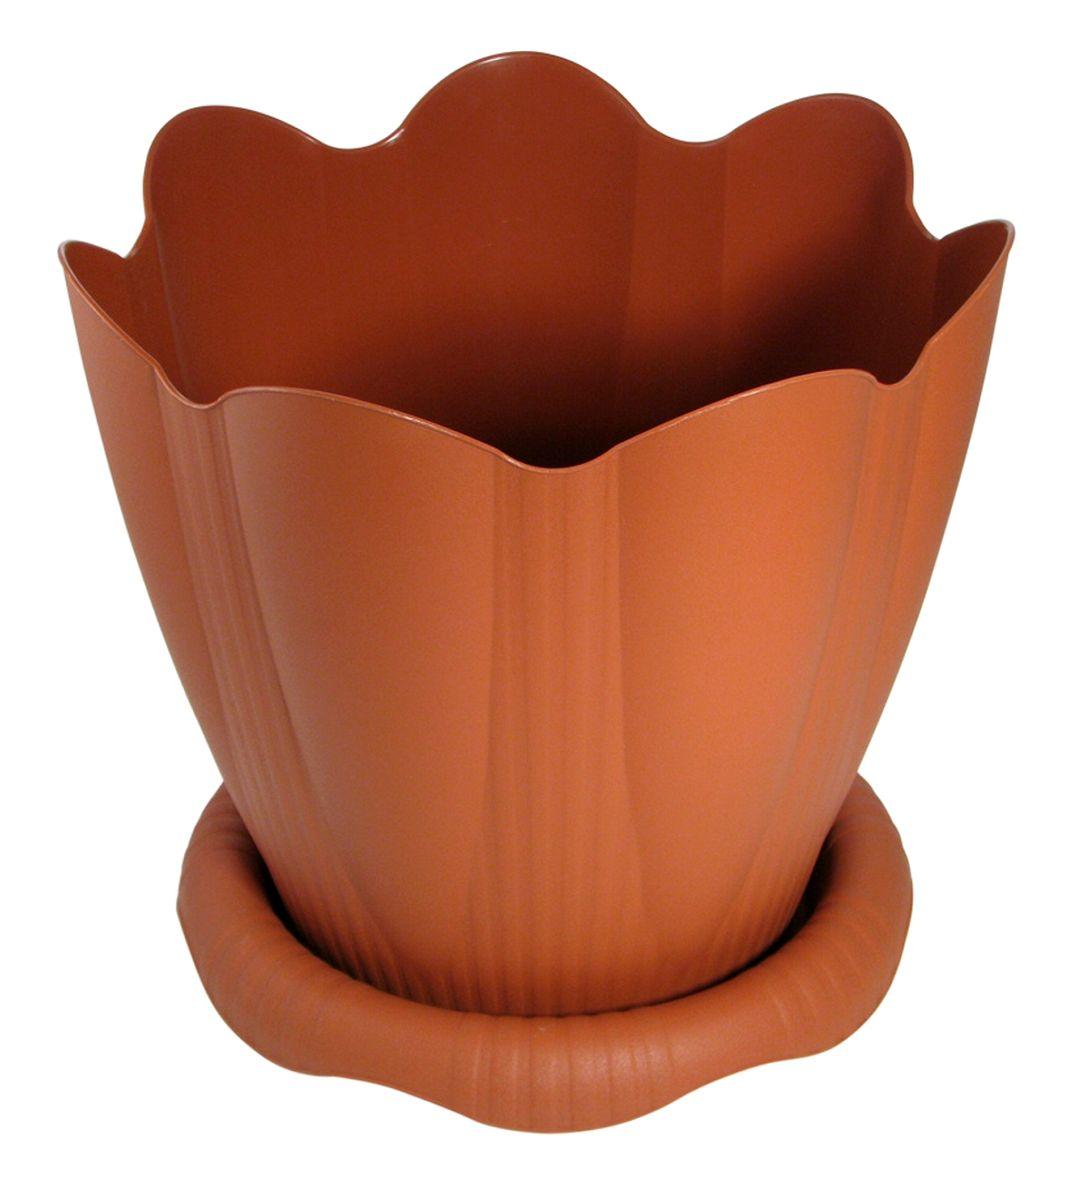 Горшок для цветов Martika Эдельвейс, с поддоном, цвет: терракотовый, 1,5 лMRC191TЛюбой, даже самый современный и продуманный интерьер будет не завершённым без растений. Они не только очищают воздух и насыщают его кислородом, но и заметно украшают окружающее пространство. Такому полезному &laquo члену семьи&raquoпросто необходимо красивое и функциональное кашпо, оригинальный горшок или необычная ваза! Мы предлагаем - Горшок Эдельвейс с поддоном 1,5 л d=16 см, цвет терракотовый!Оптимальный выбор материала &mdash &nbsp пластмасса! Почему мы так считаем? Малый вес. С лёгкостью переносите горшки и кашпо с места на место, ставьте их на столики или полки, подвешивайте под потолок, не беспокоясь о нагрузке. Простота ухода. Пластиковые изделия не нуждаются в специальных условиях хранения. Их&nbsp легко чистить &mdashдостаточно просто сполоснуть тёплой водой. Никаких царапин. Пластиковые кашпо не царапают и не загрязняют поверхности, на которых стоят. Пластик дольше хранит влагу, а значит &mdashрастение реже нуждается в поливе. Пластмасса не пропускает воздух &mdashкорневой системе растения не грозят резкие перепады температур. Огромный выбор форм, декора и расцветок &mdashвы без труда подберёте что-то, что идеально впишется в уже существующий интерьер.Соблюдая нехитрые правила ухода, вы можете заметно продлить срок службы горшков, вазонов и кашпо из пластика: всегда учитывайте размер кроны и корневой системы растения (при разрастании большое растение способно повредить маленький горшок)берегите изделие от воздействия прямых солнечных лучей, чтобы кашпо и горшки не выцветалидержите кашпо и горшки из пластика подальше от нагревающихся поверхностей.Создавайте прекрасные цветочные композиции, выращивайте рассаду или необычные растения, а низкие цены позволят вам не ограничивать себя в выборе.